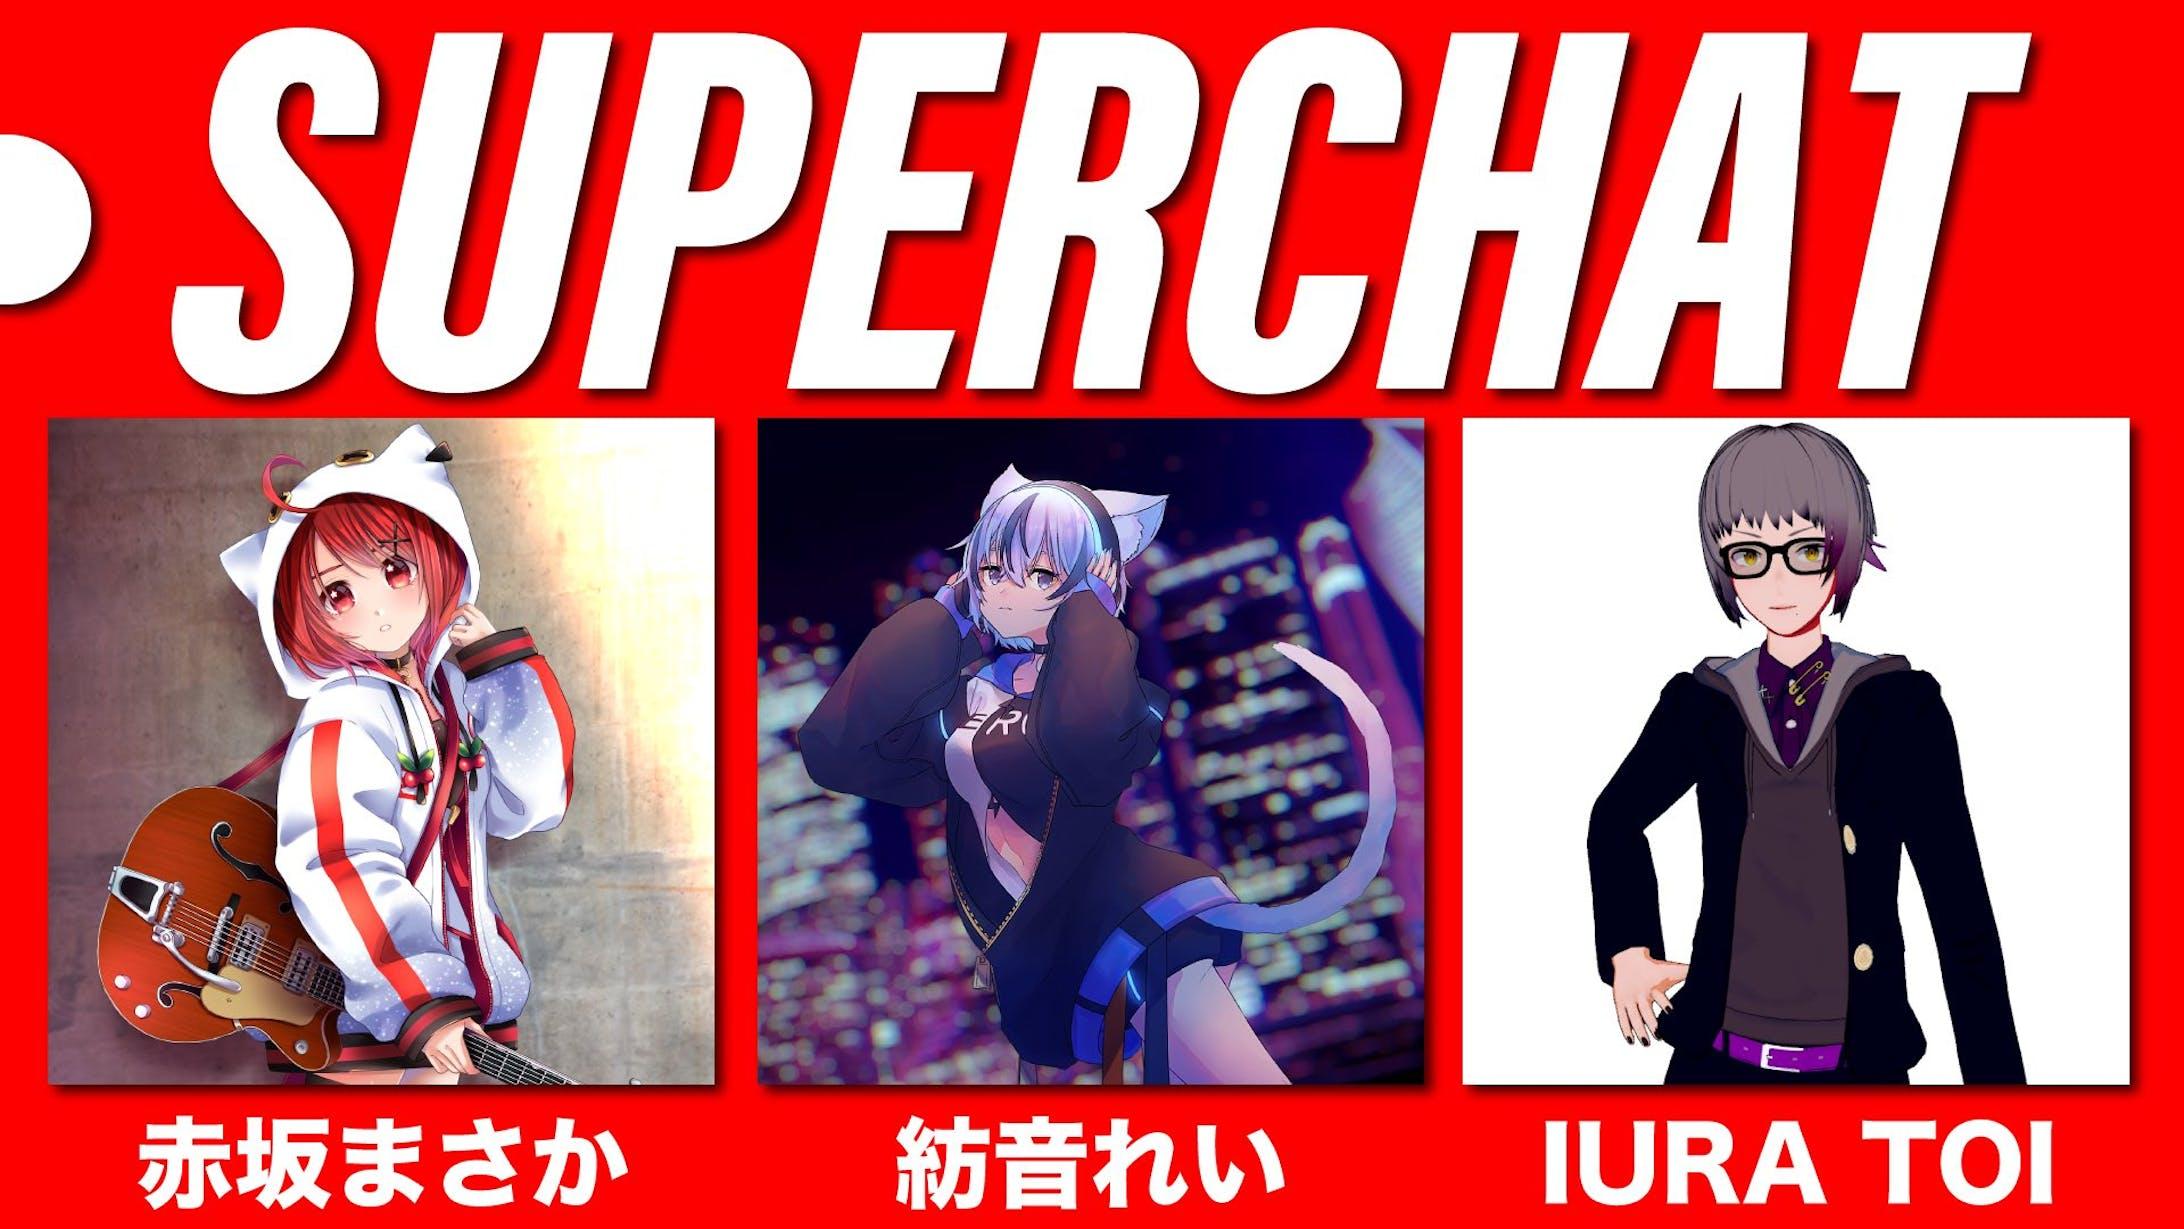 SUPERCHAT Vol.4-1